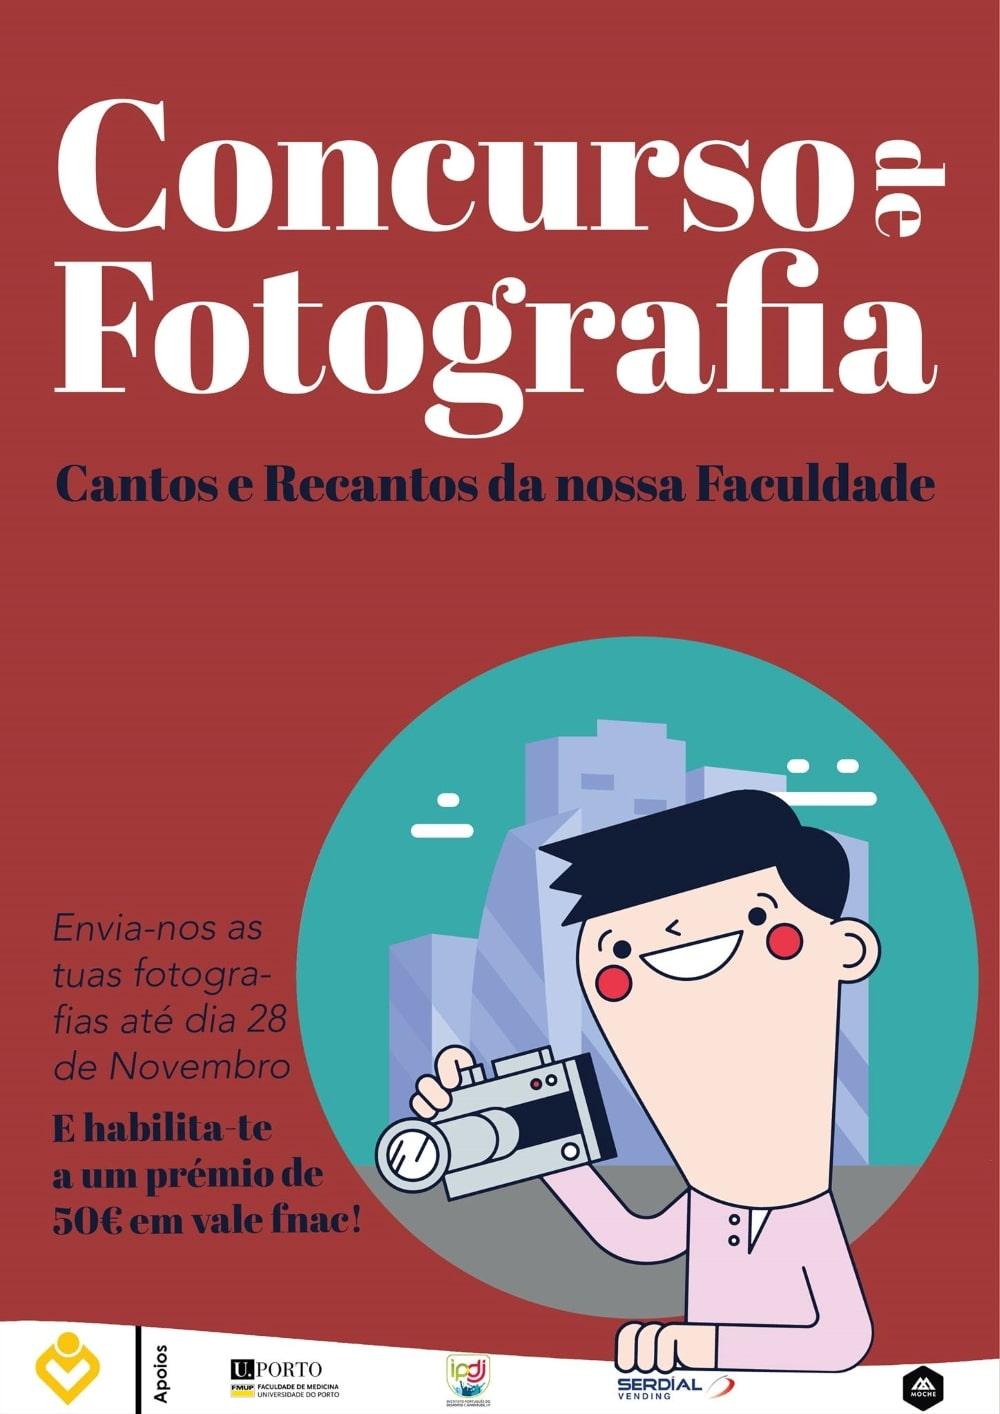 ConcursoFotografia2018